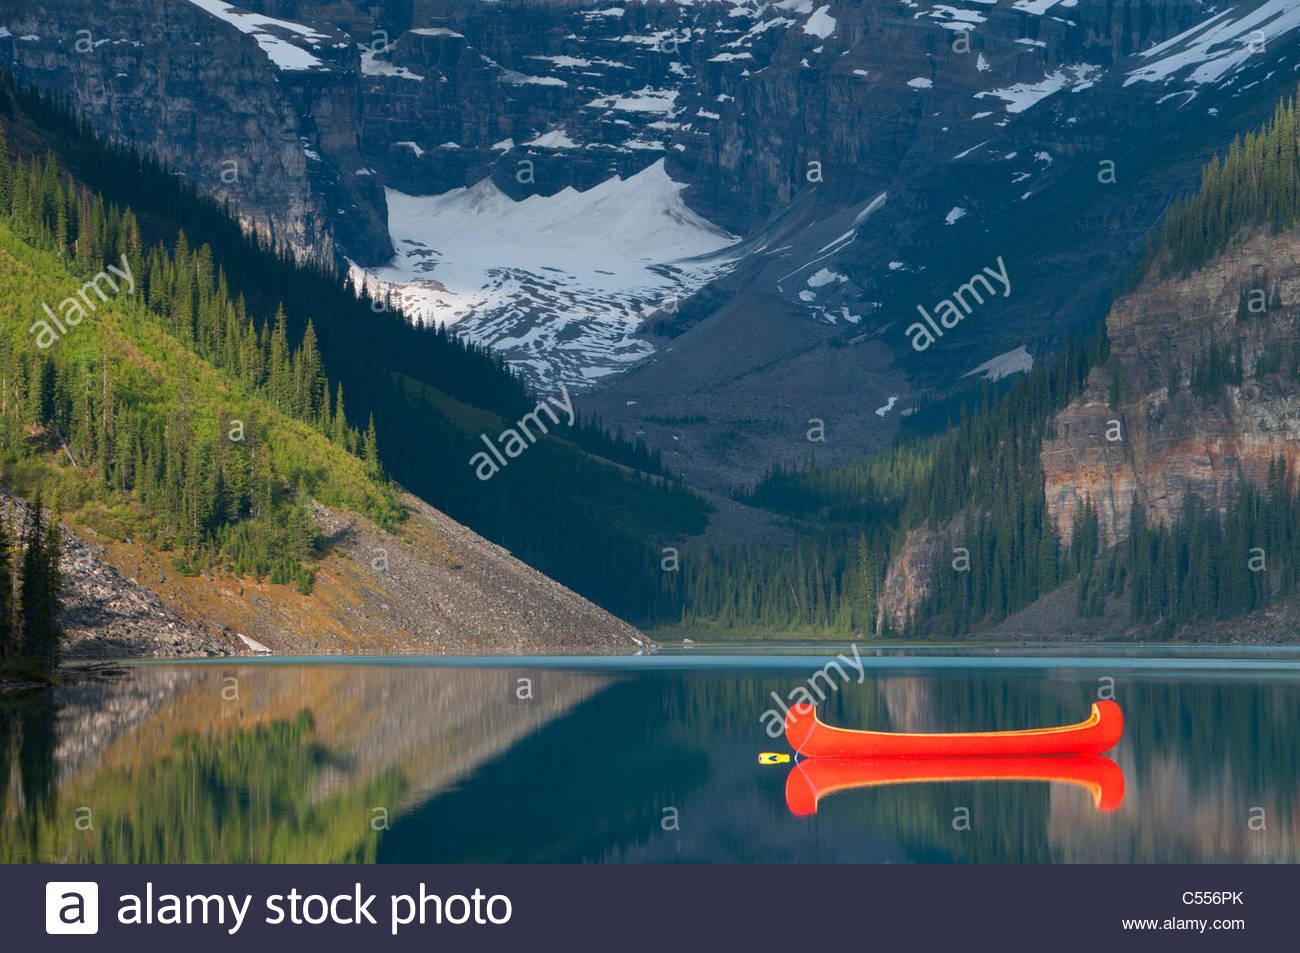 Rosso in canoa il Lago, Lago Louise, il Parco Nazionale di Banff, Alberta, Canada Immagini Stock